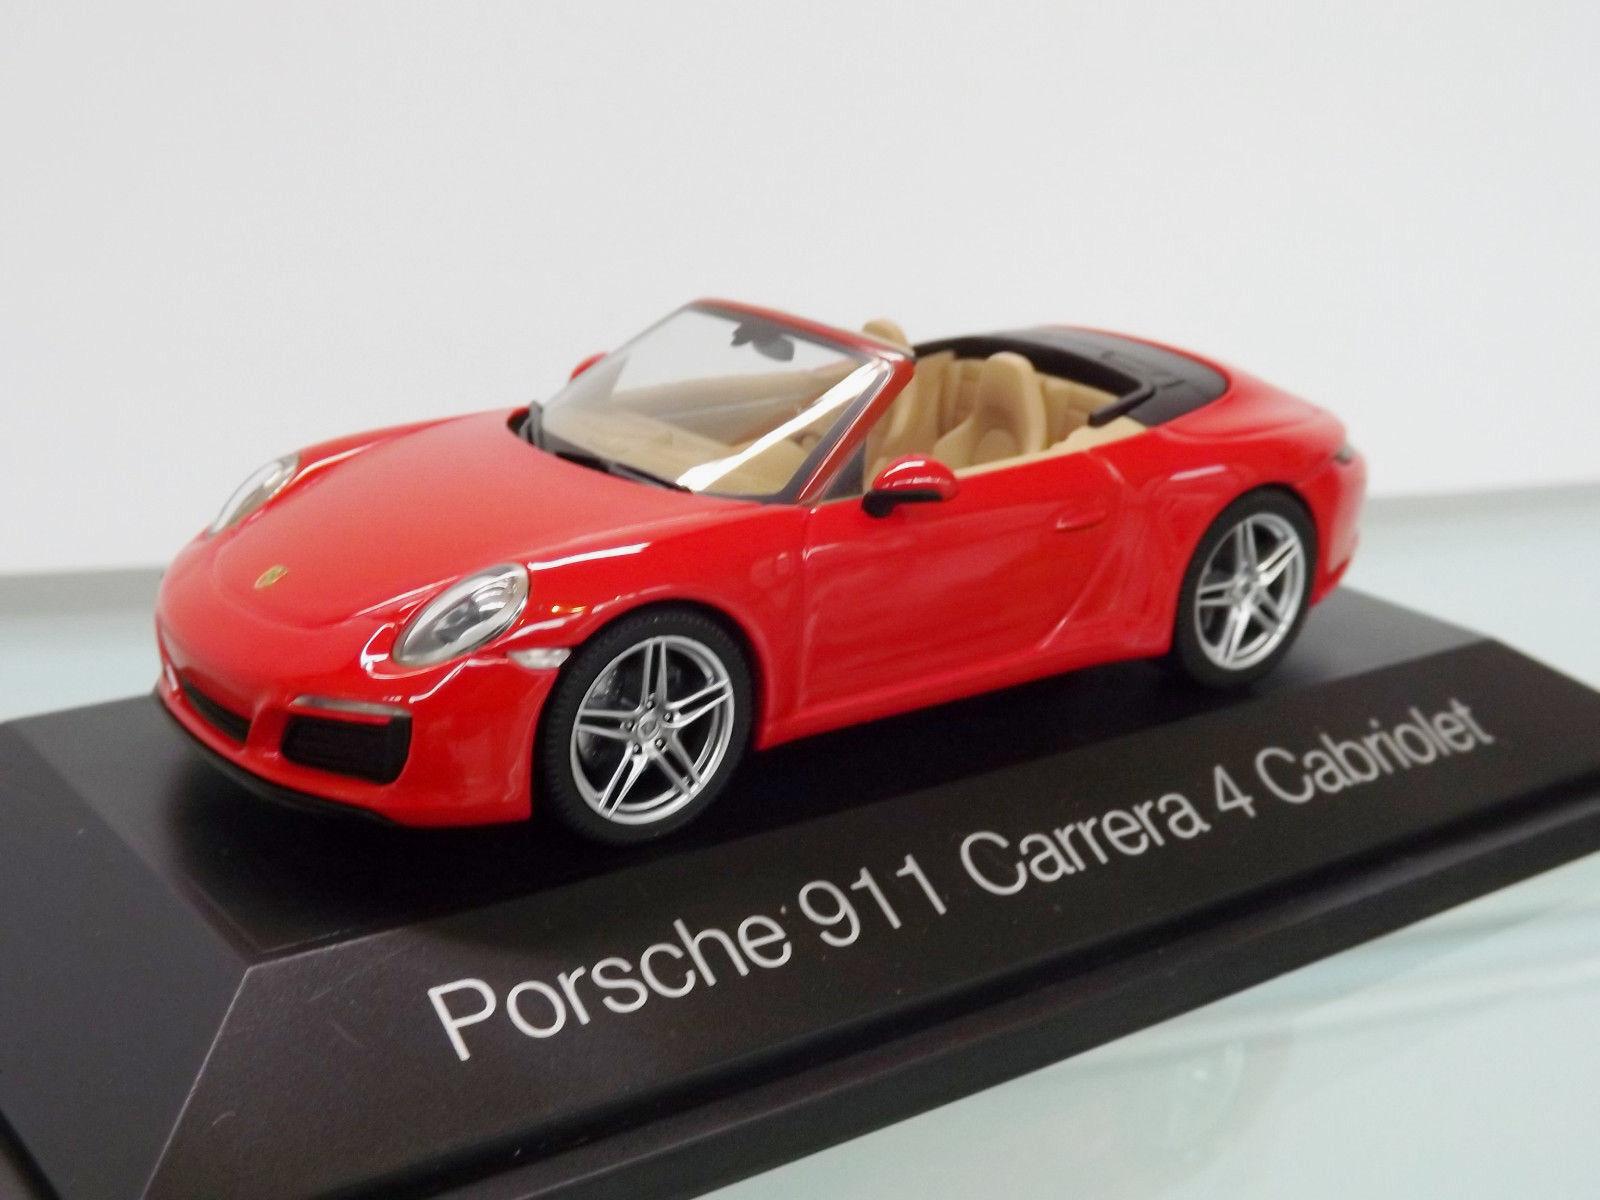 Herpa 071109 - 1 43 - Porsche 911 Carrera 4 Cabriolet, INDISCHred -